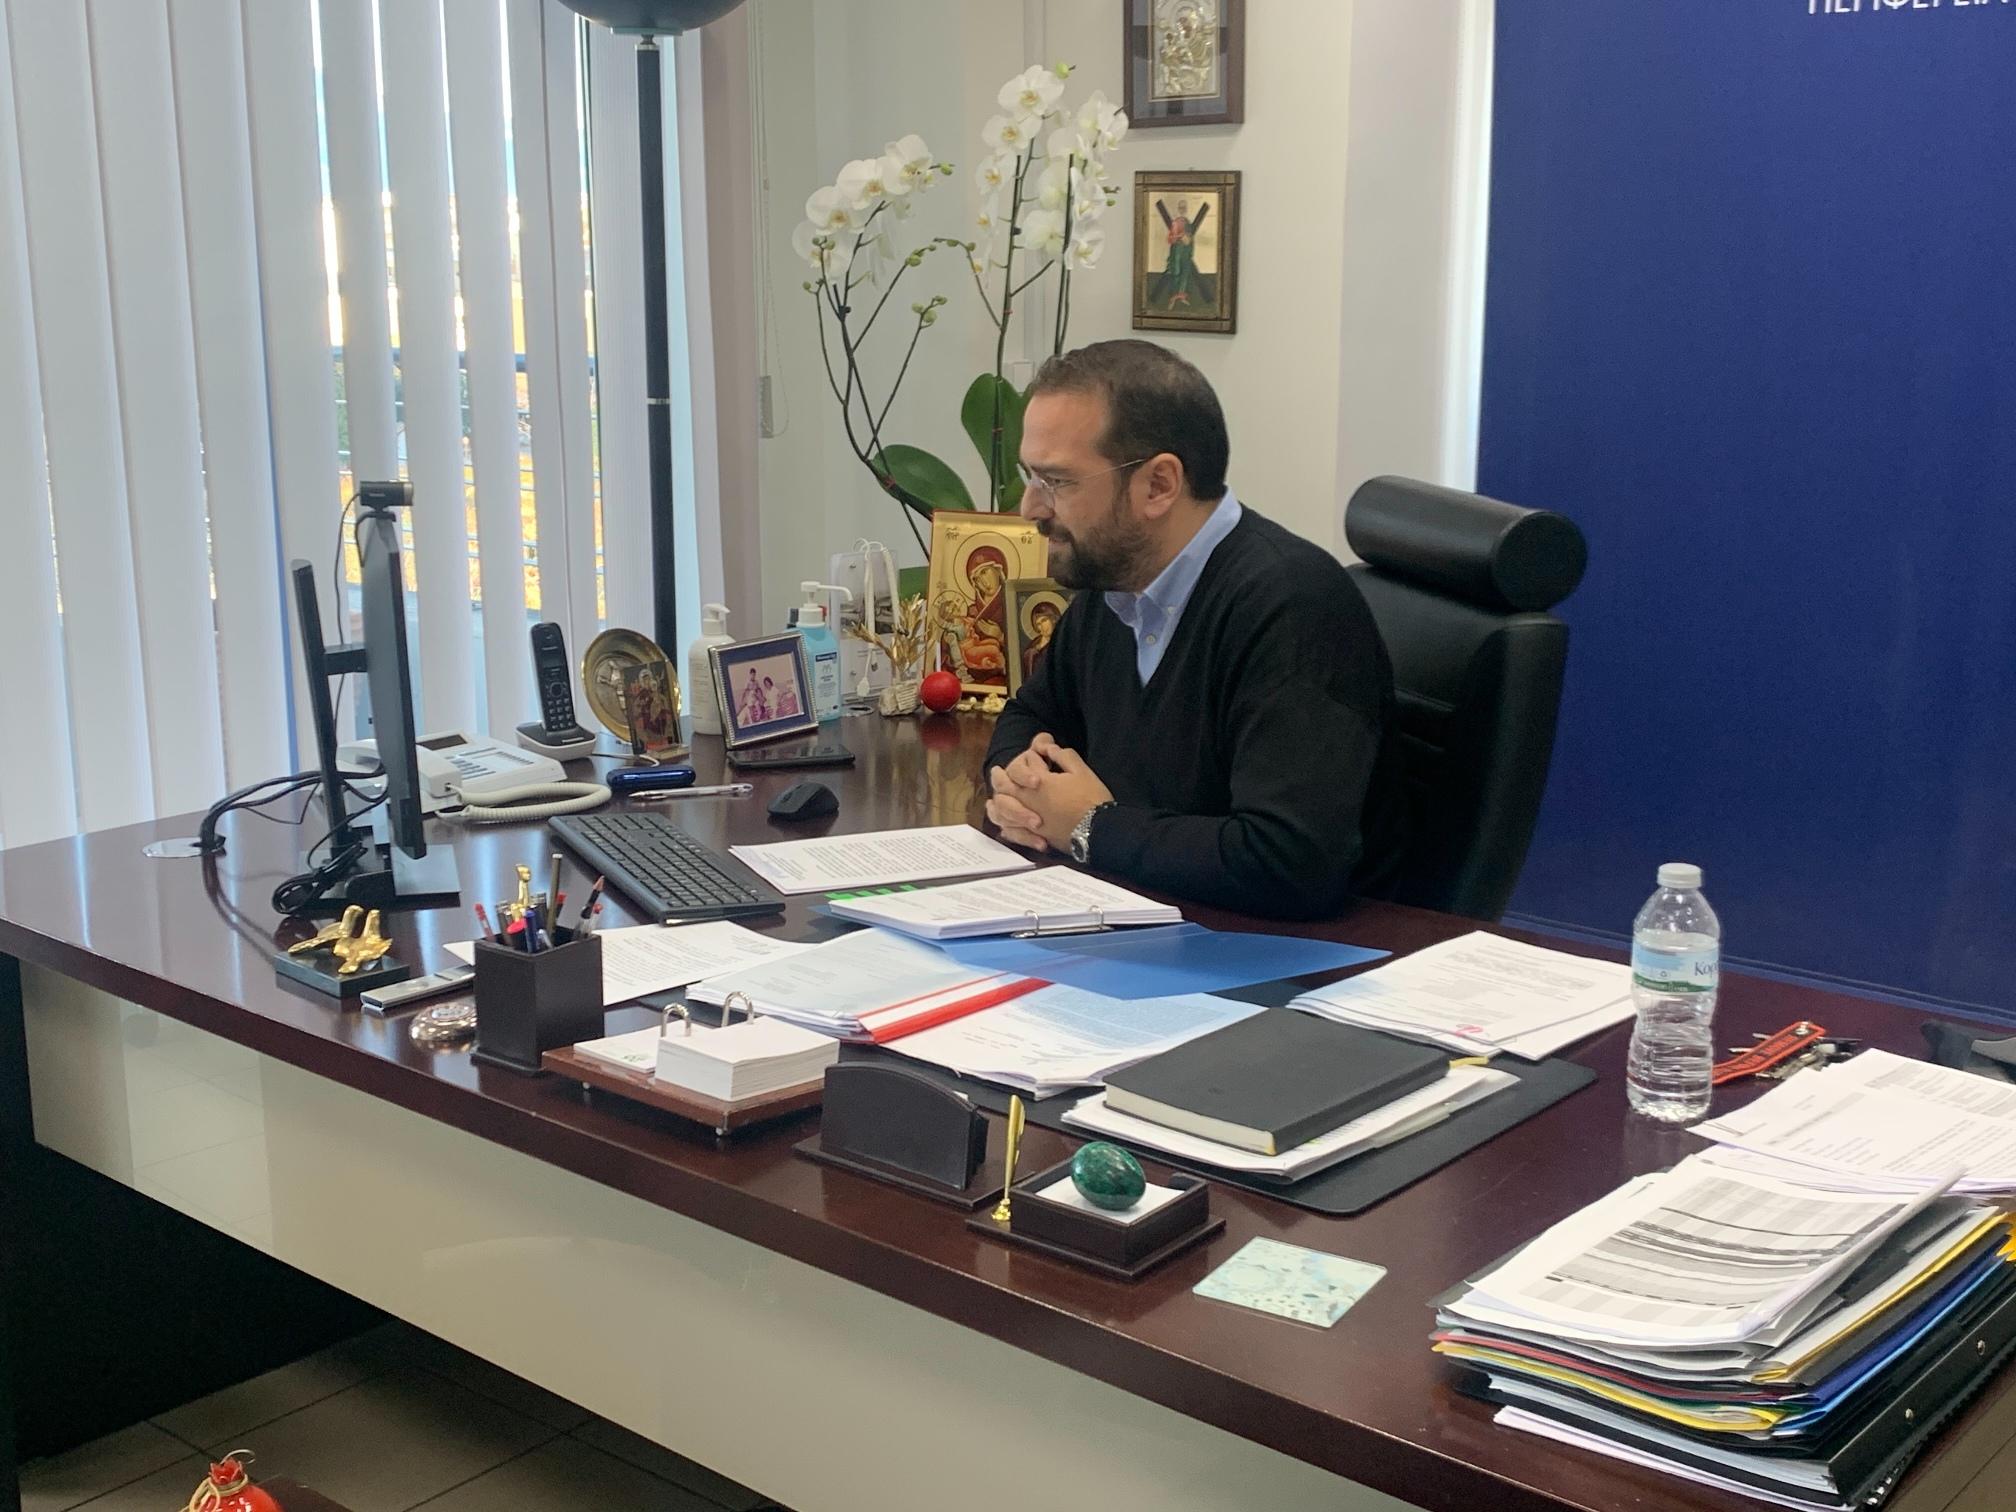 """Ν. Φαρμάκης: «Τοπική Αυτοδιοίκηση και Πανεπιστήμιο: Μια σχέση win – win που πρέπει να αγκαλιάσει το σύνολο της Δυτικής Ελλάδας» - Πρύτανης Χρ. Μπούρας: «Eίμαστε Πανεπιστήμιο της Περιφέρειας Δυτ. Ελλάδας"""""""